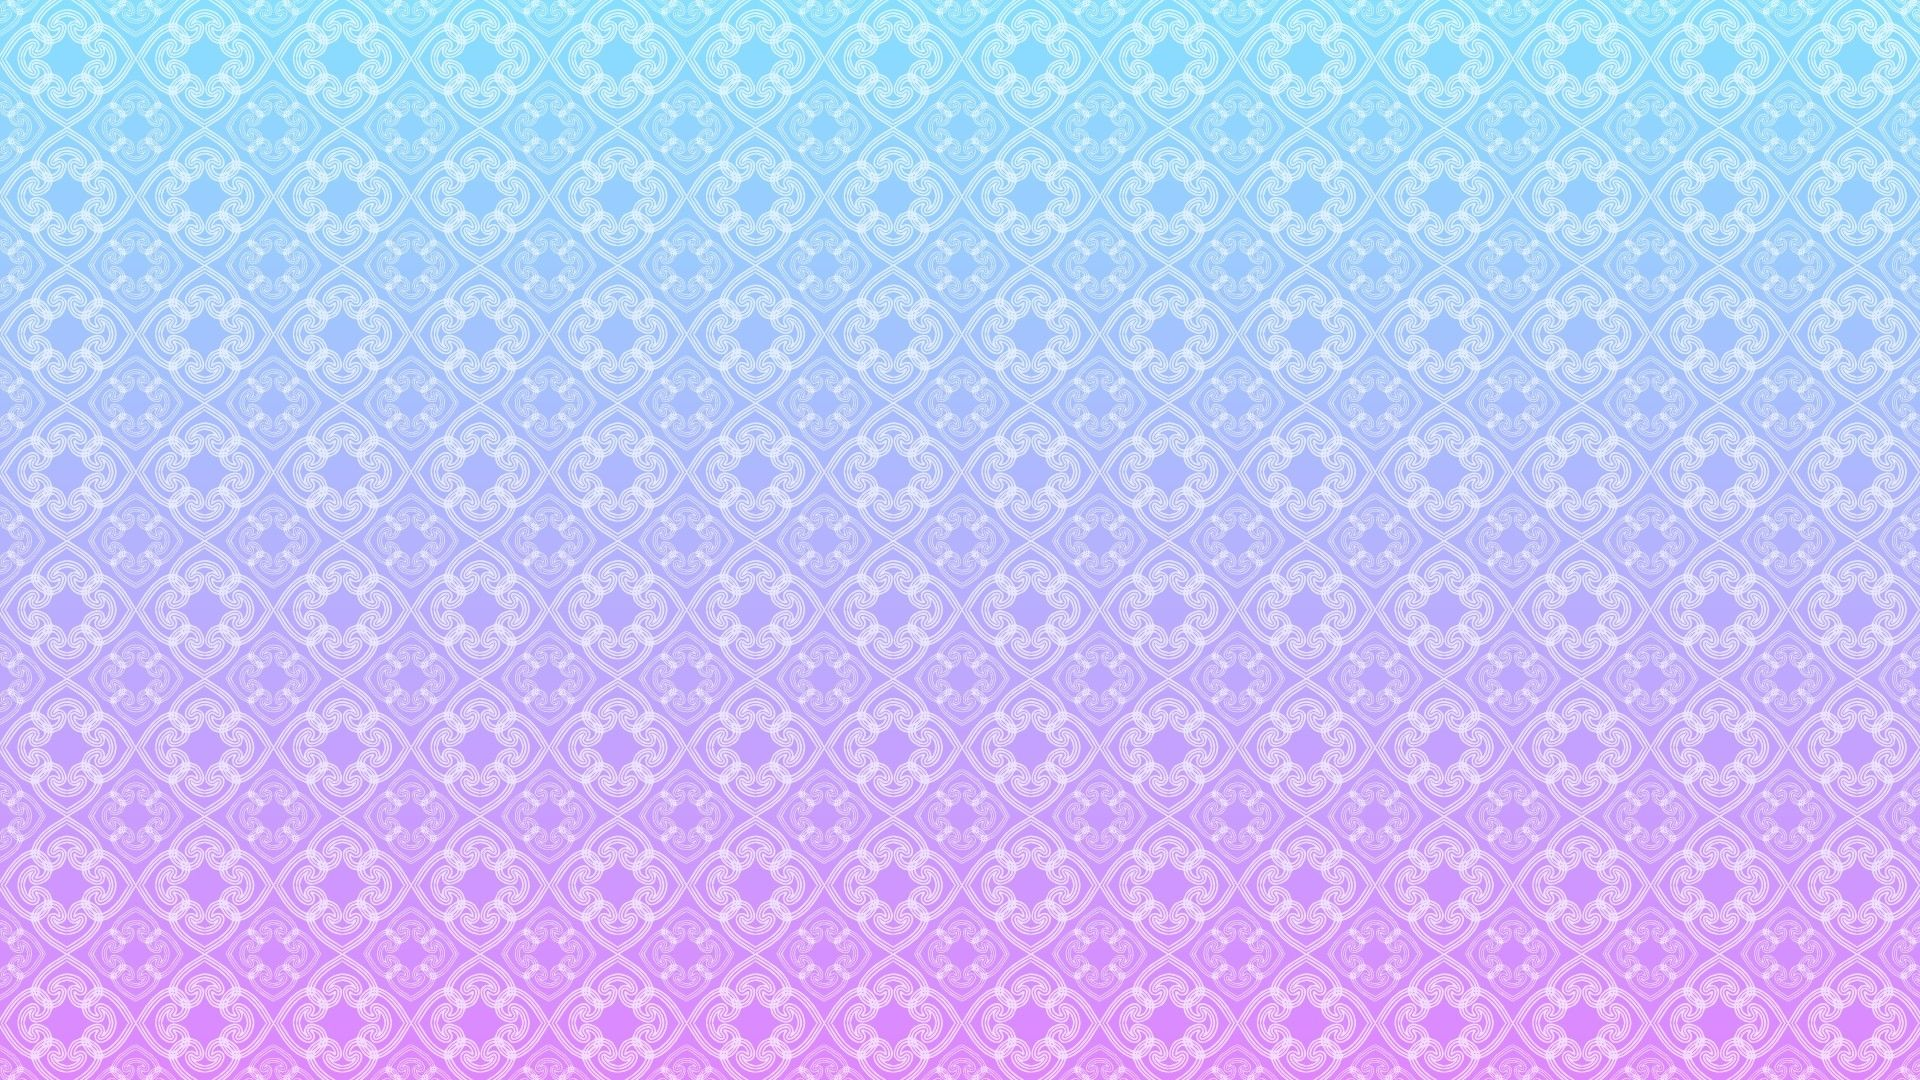 Cute Blue Pattern Free Desktop Wallpaper